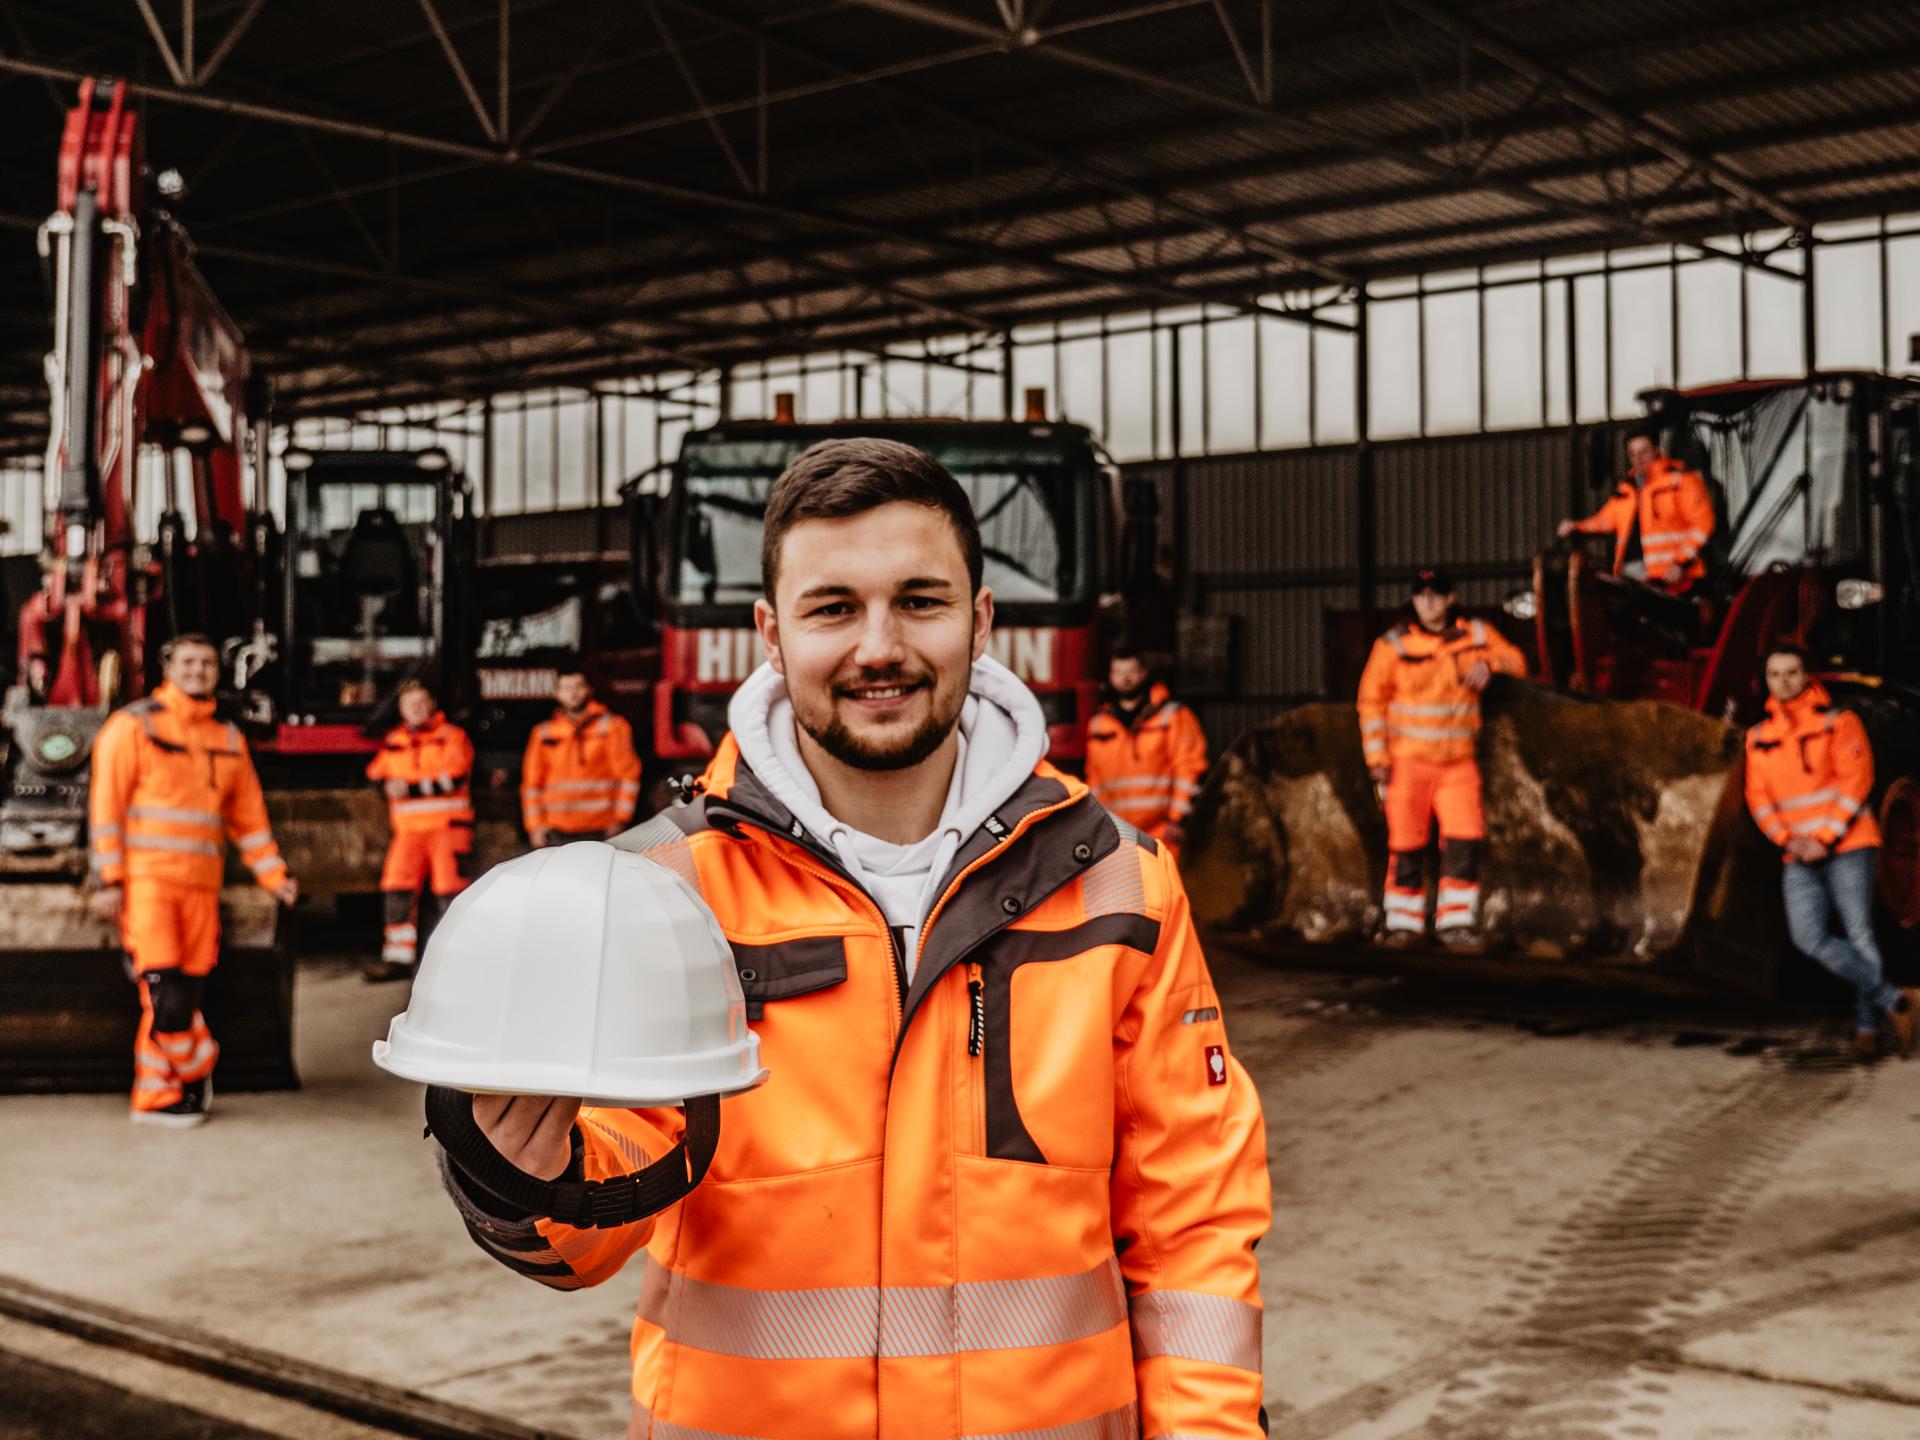 Hans_Hirschmann_KG_Stellenangebote_Straßenbau_Bauleiter_Jobs_Stellenanzeige_Bauleitung_Treuchtlingen_Ausbildung